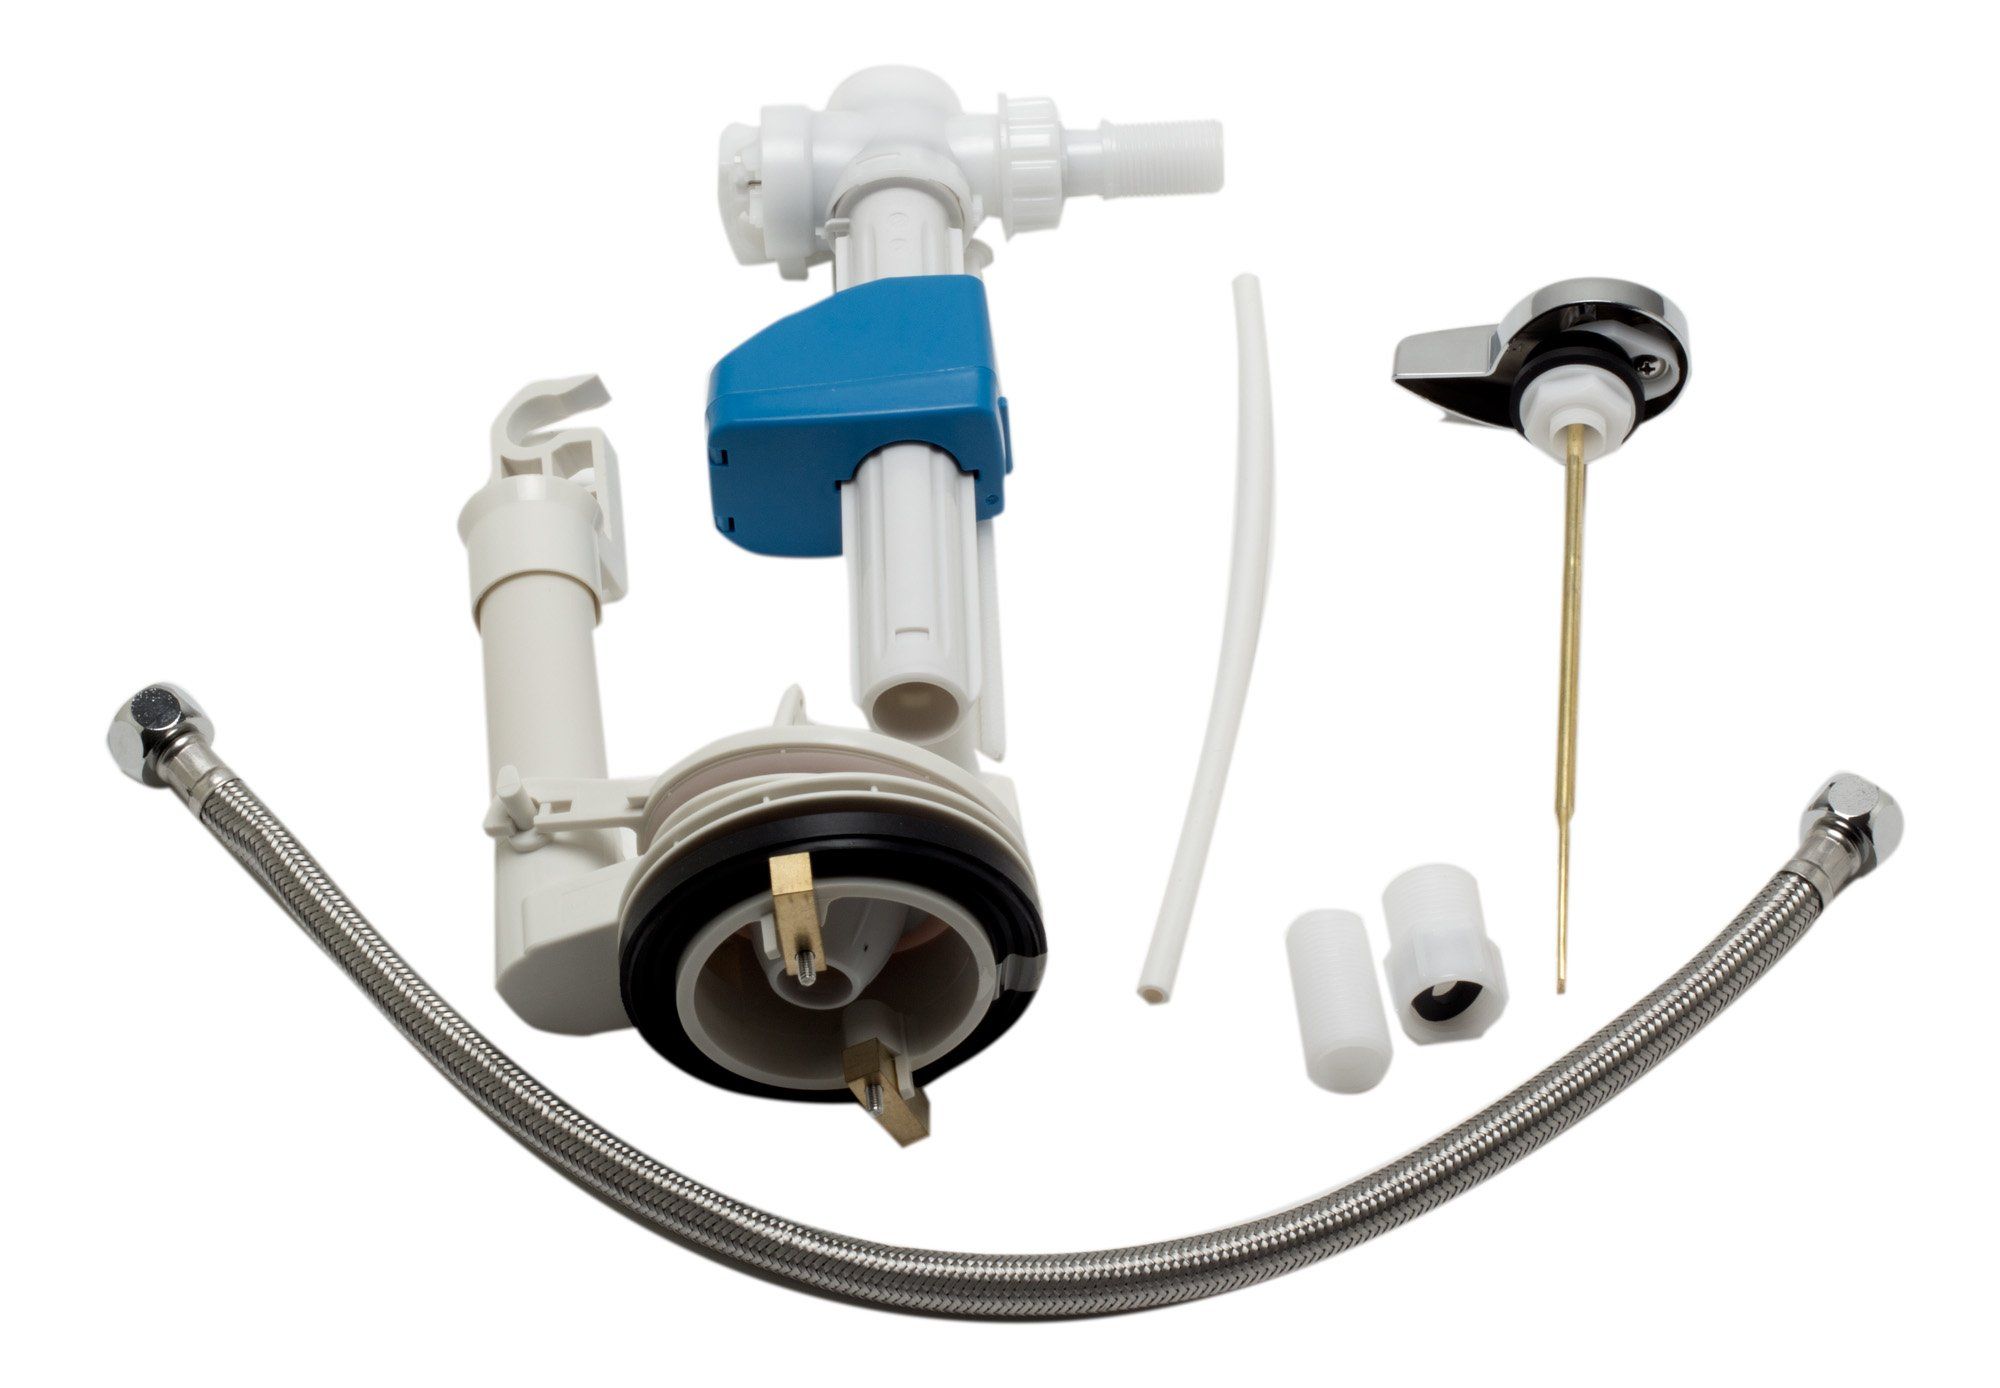 EAGO R-336FLUSH Replacement Toilet Flushing Mechanism for TB336